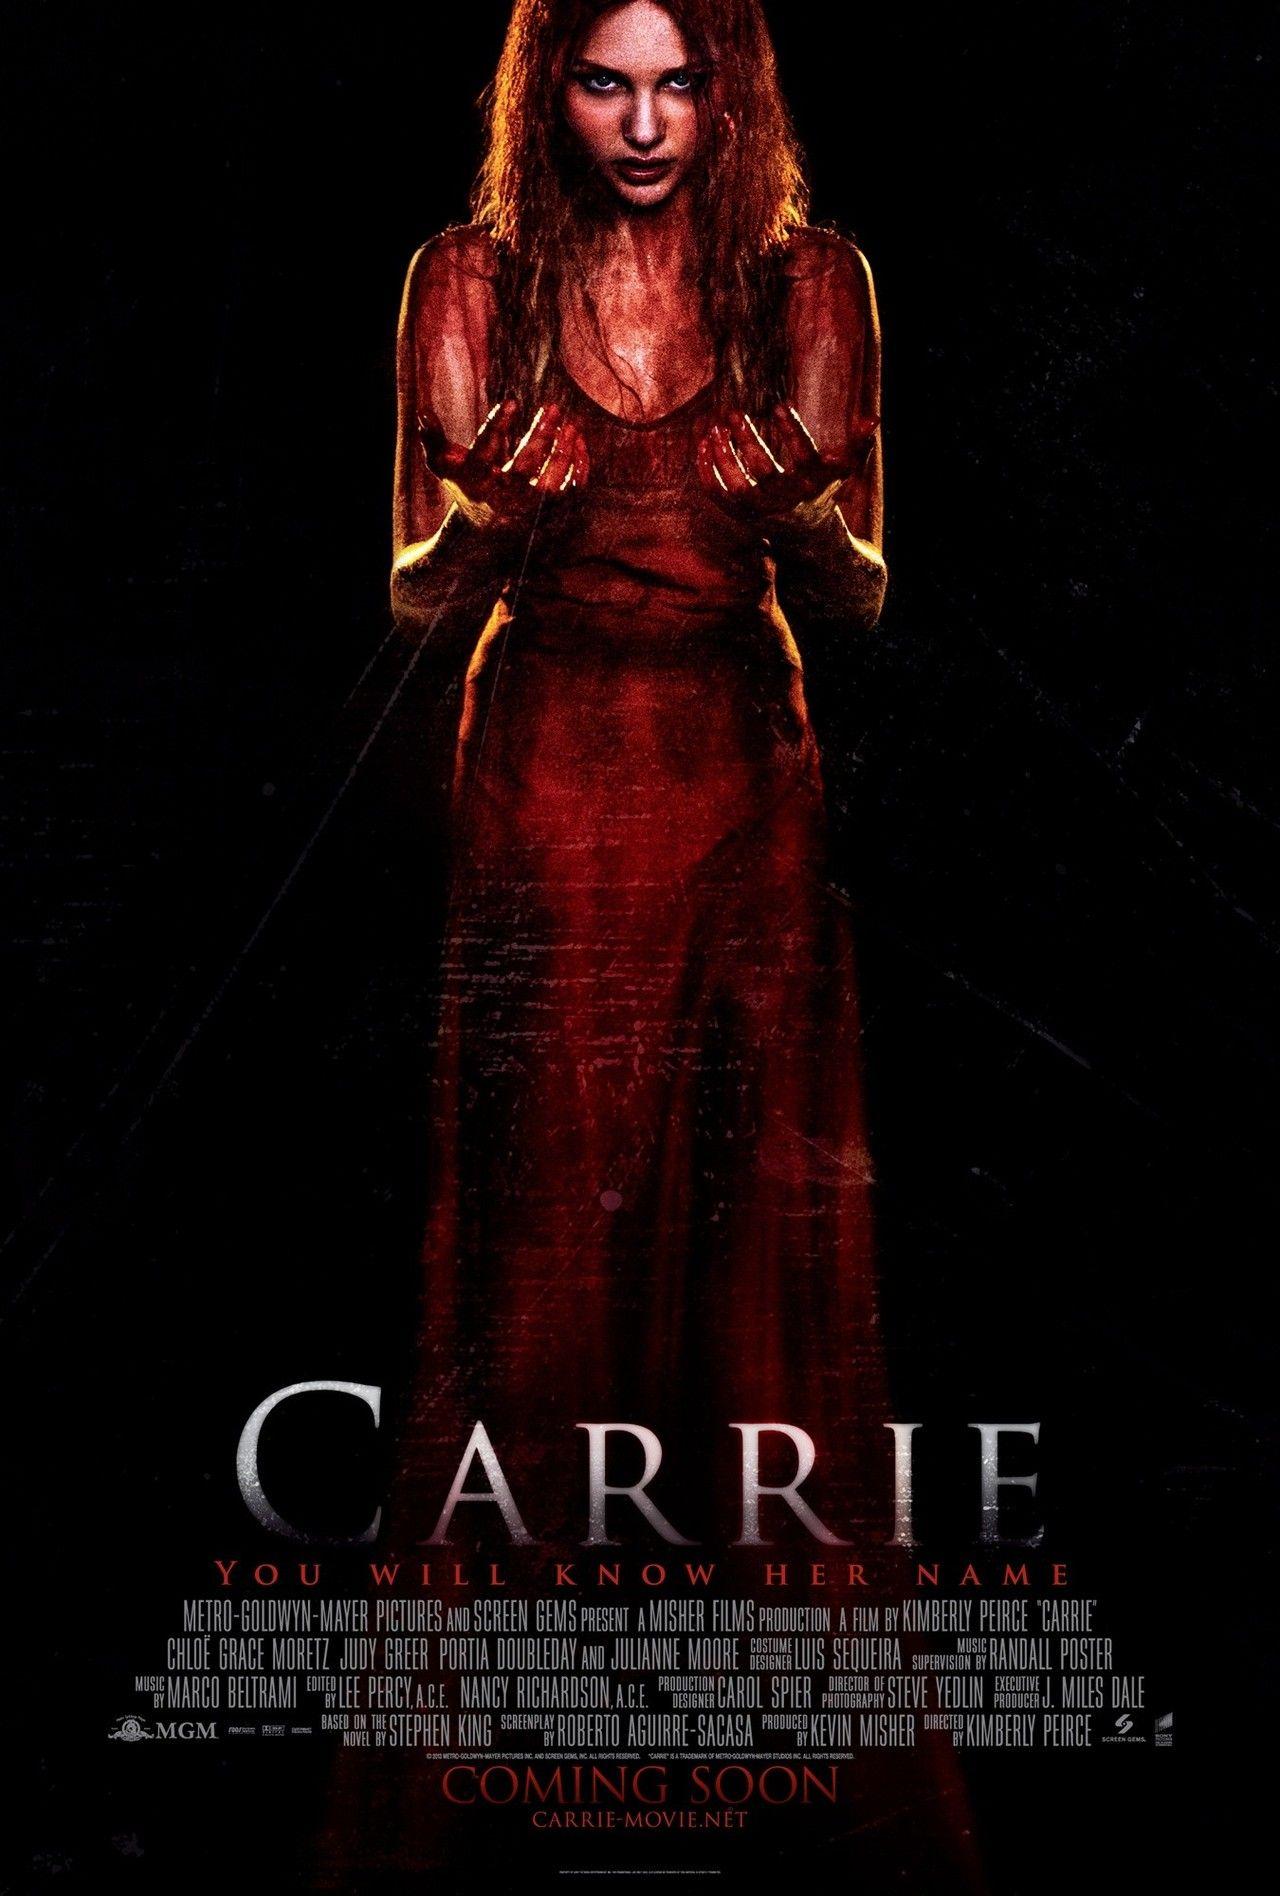 Carrie A Estranha Carrie Kimberly Peirce Carrie Cartazes De Filmes De Terror Melhores Filmes De Terror